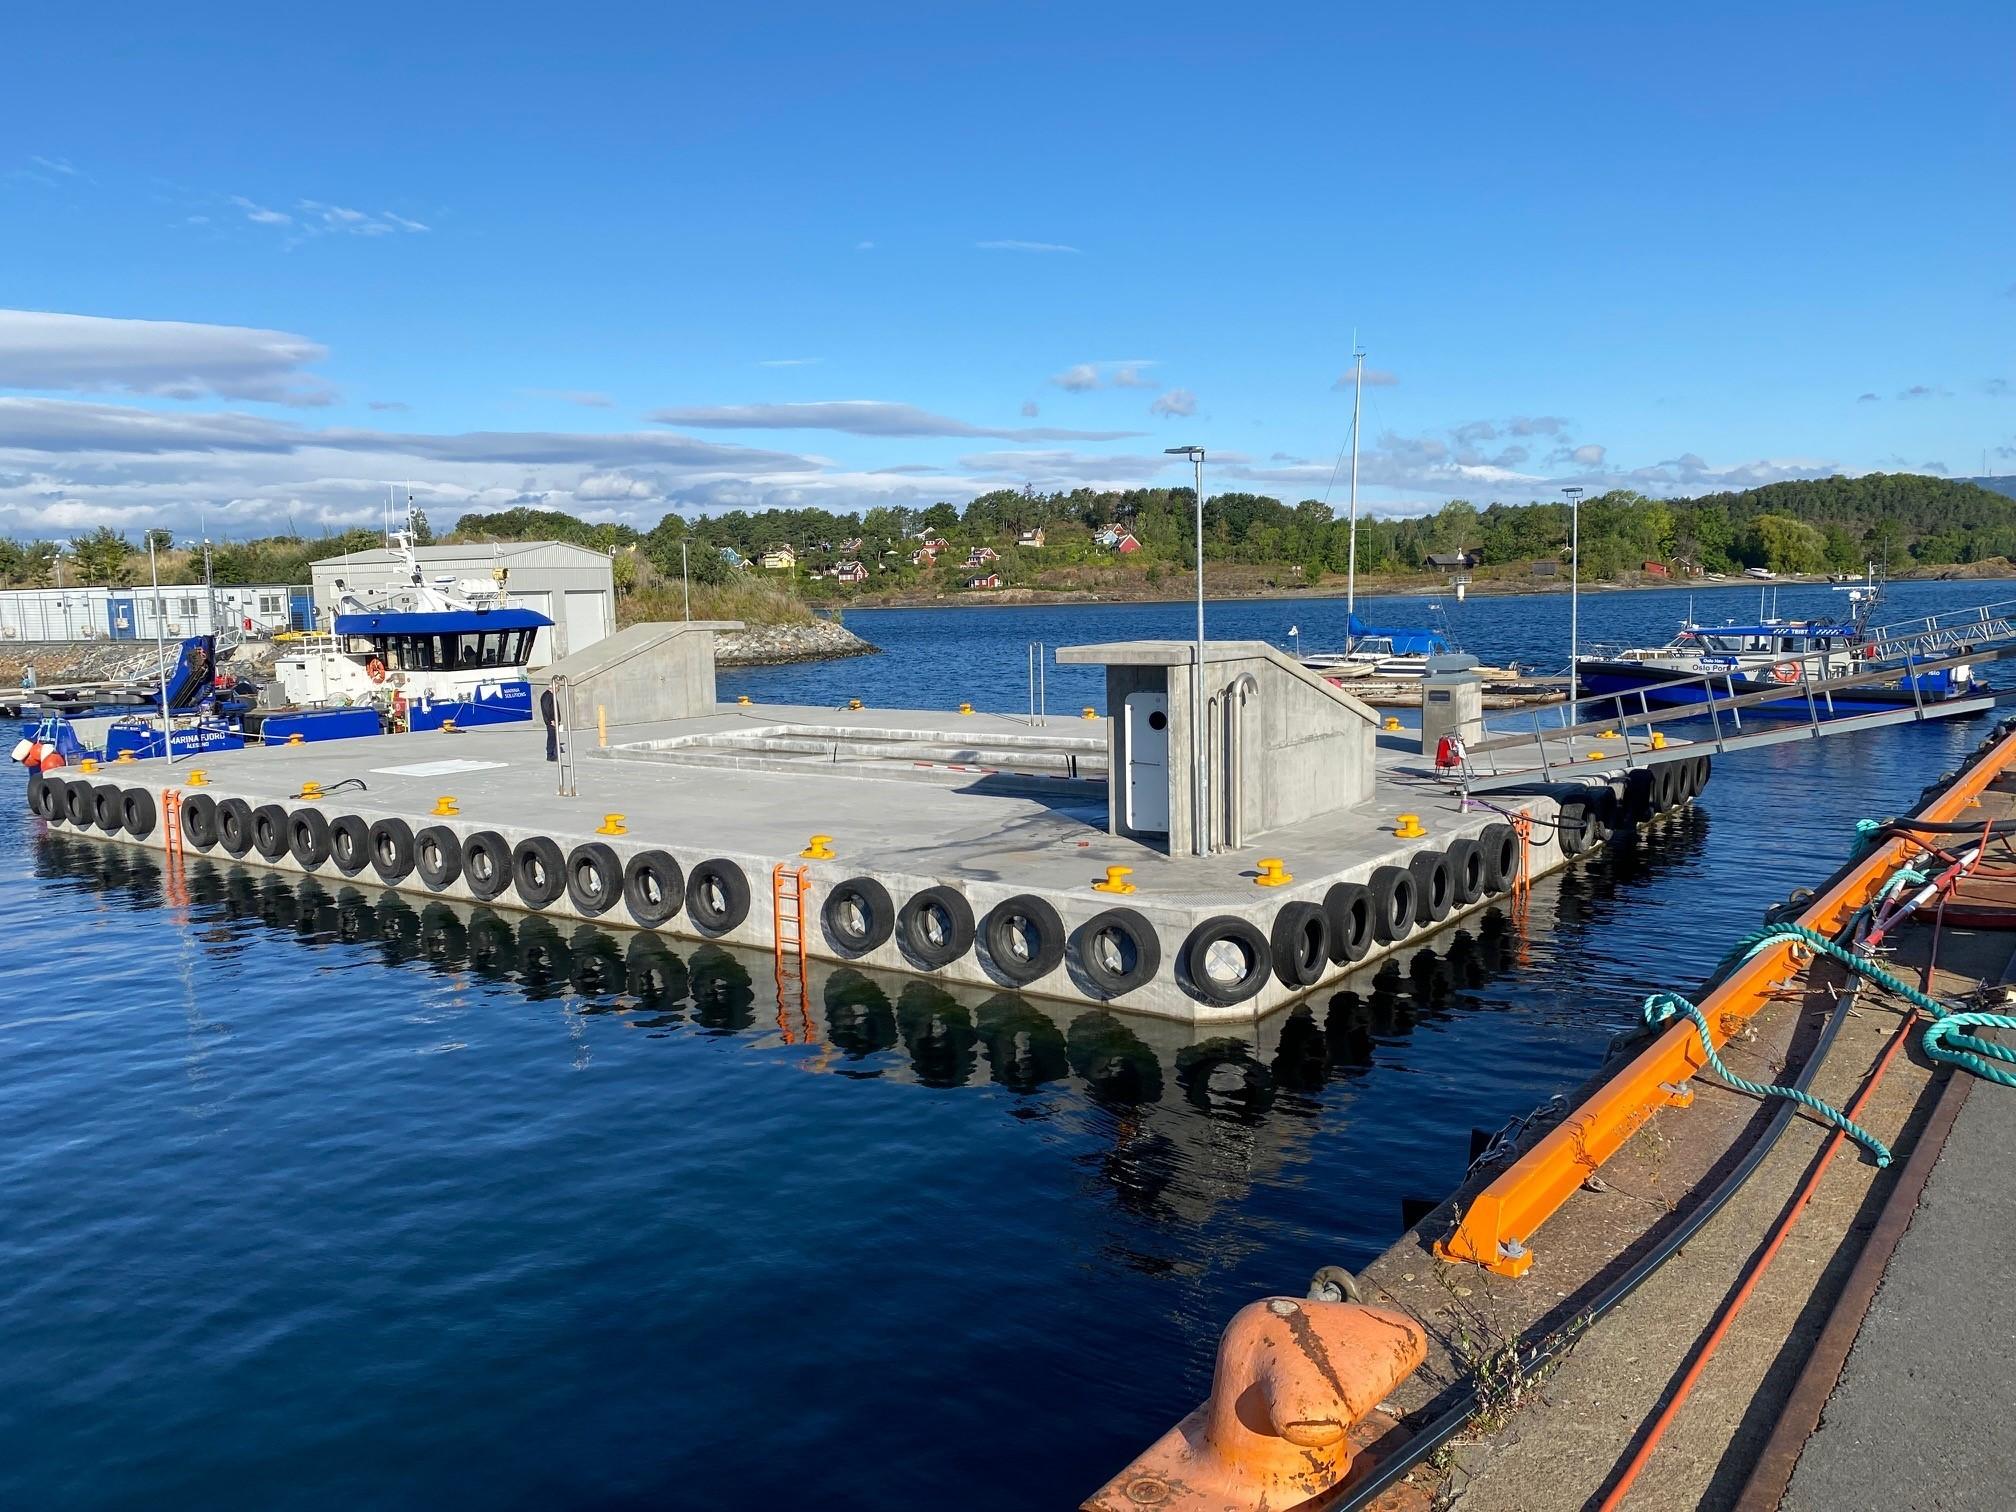 https://marinasolutions.no/uploads/Oslo-fortøyningsflåte-Oslo-havn_-Marina-Solutions_betongflåte_Marina-Ocean-5.jpg